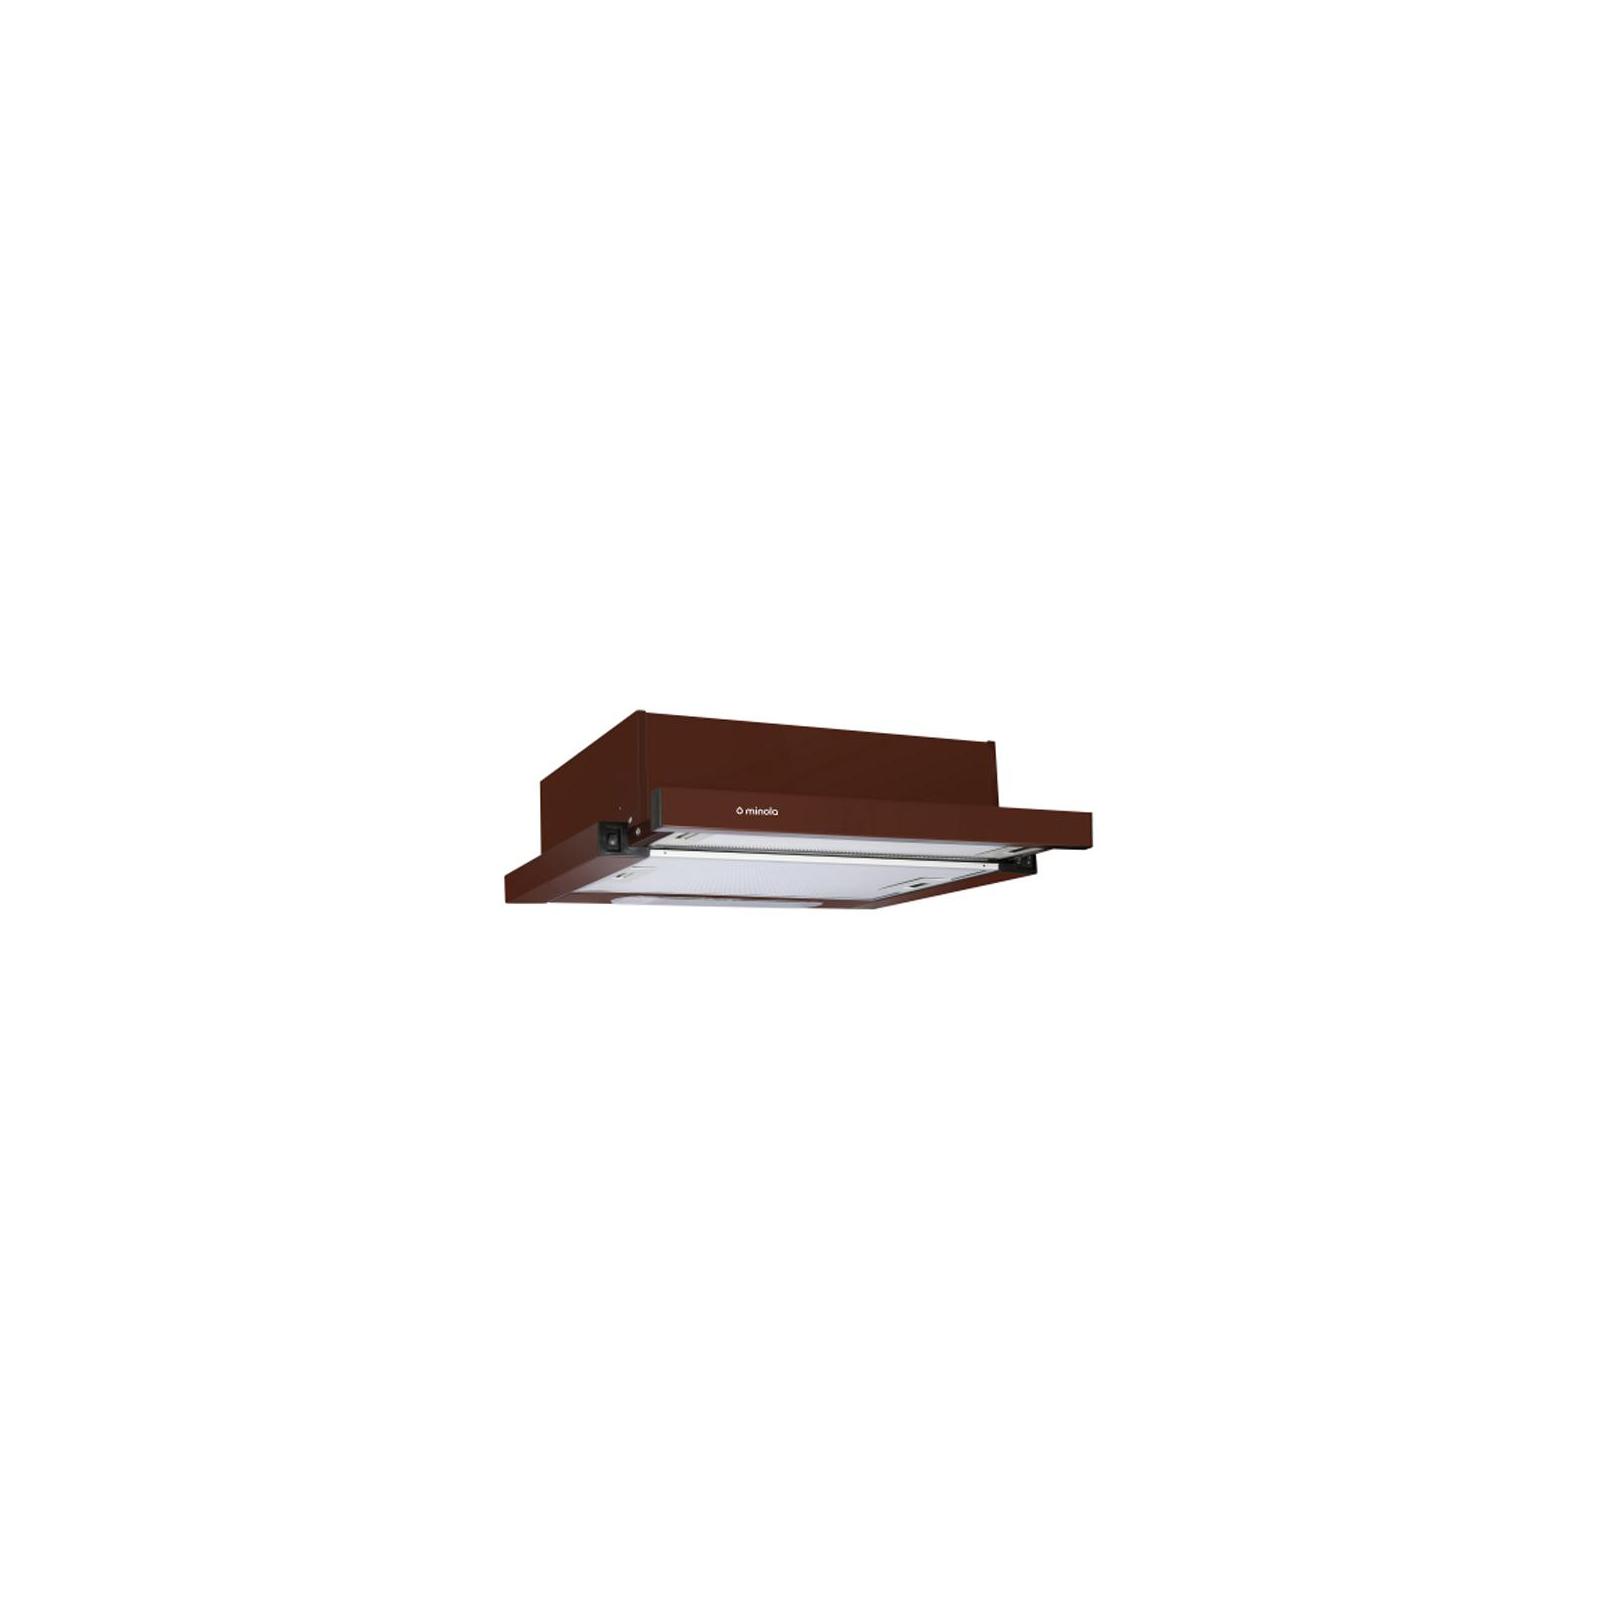 Вытяжка кухонная MINOLA HTL 6110 BR 630